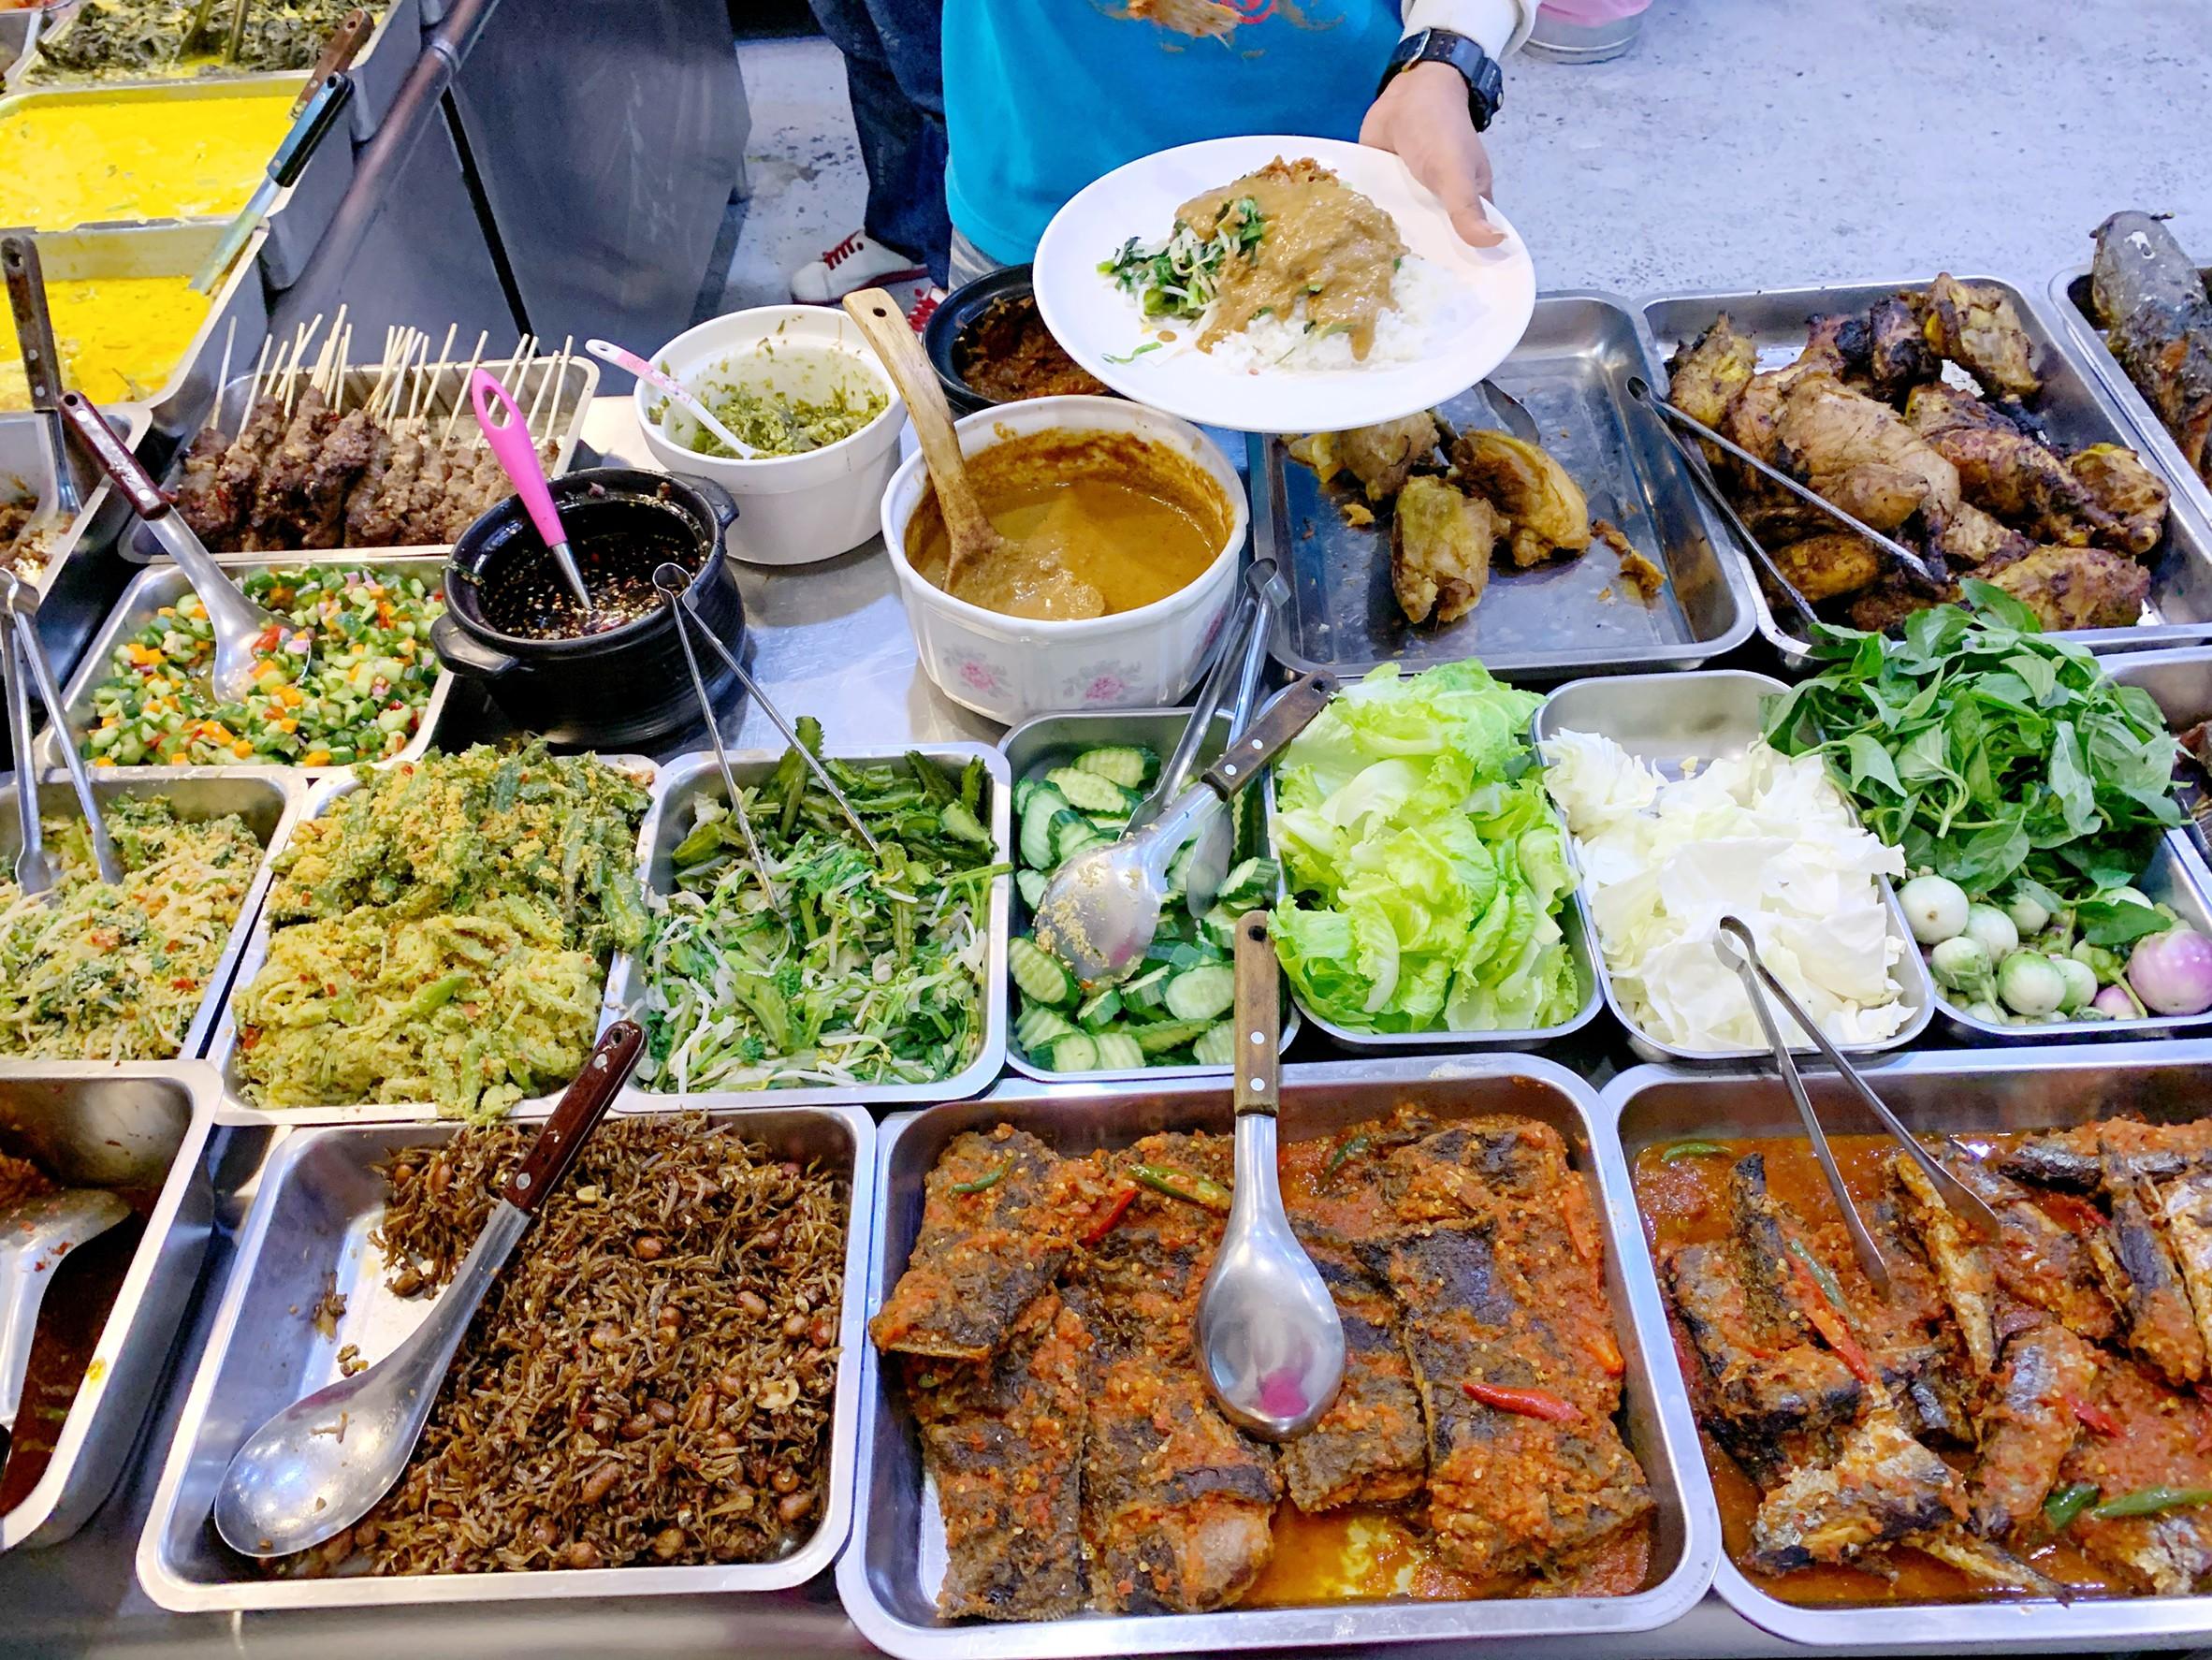 彰化市ummi印尼料理|彰化超厲害的印尼料理,一開店就人潮不斷!自助bar 簡餐 特殊的百變咖哩.沙嗲彰化市火車站附近美食推薦